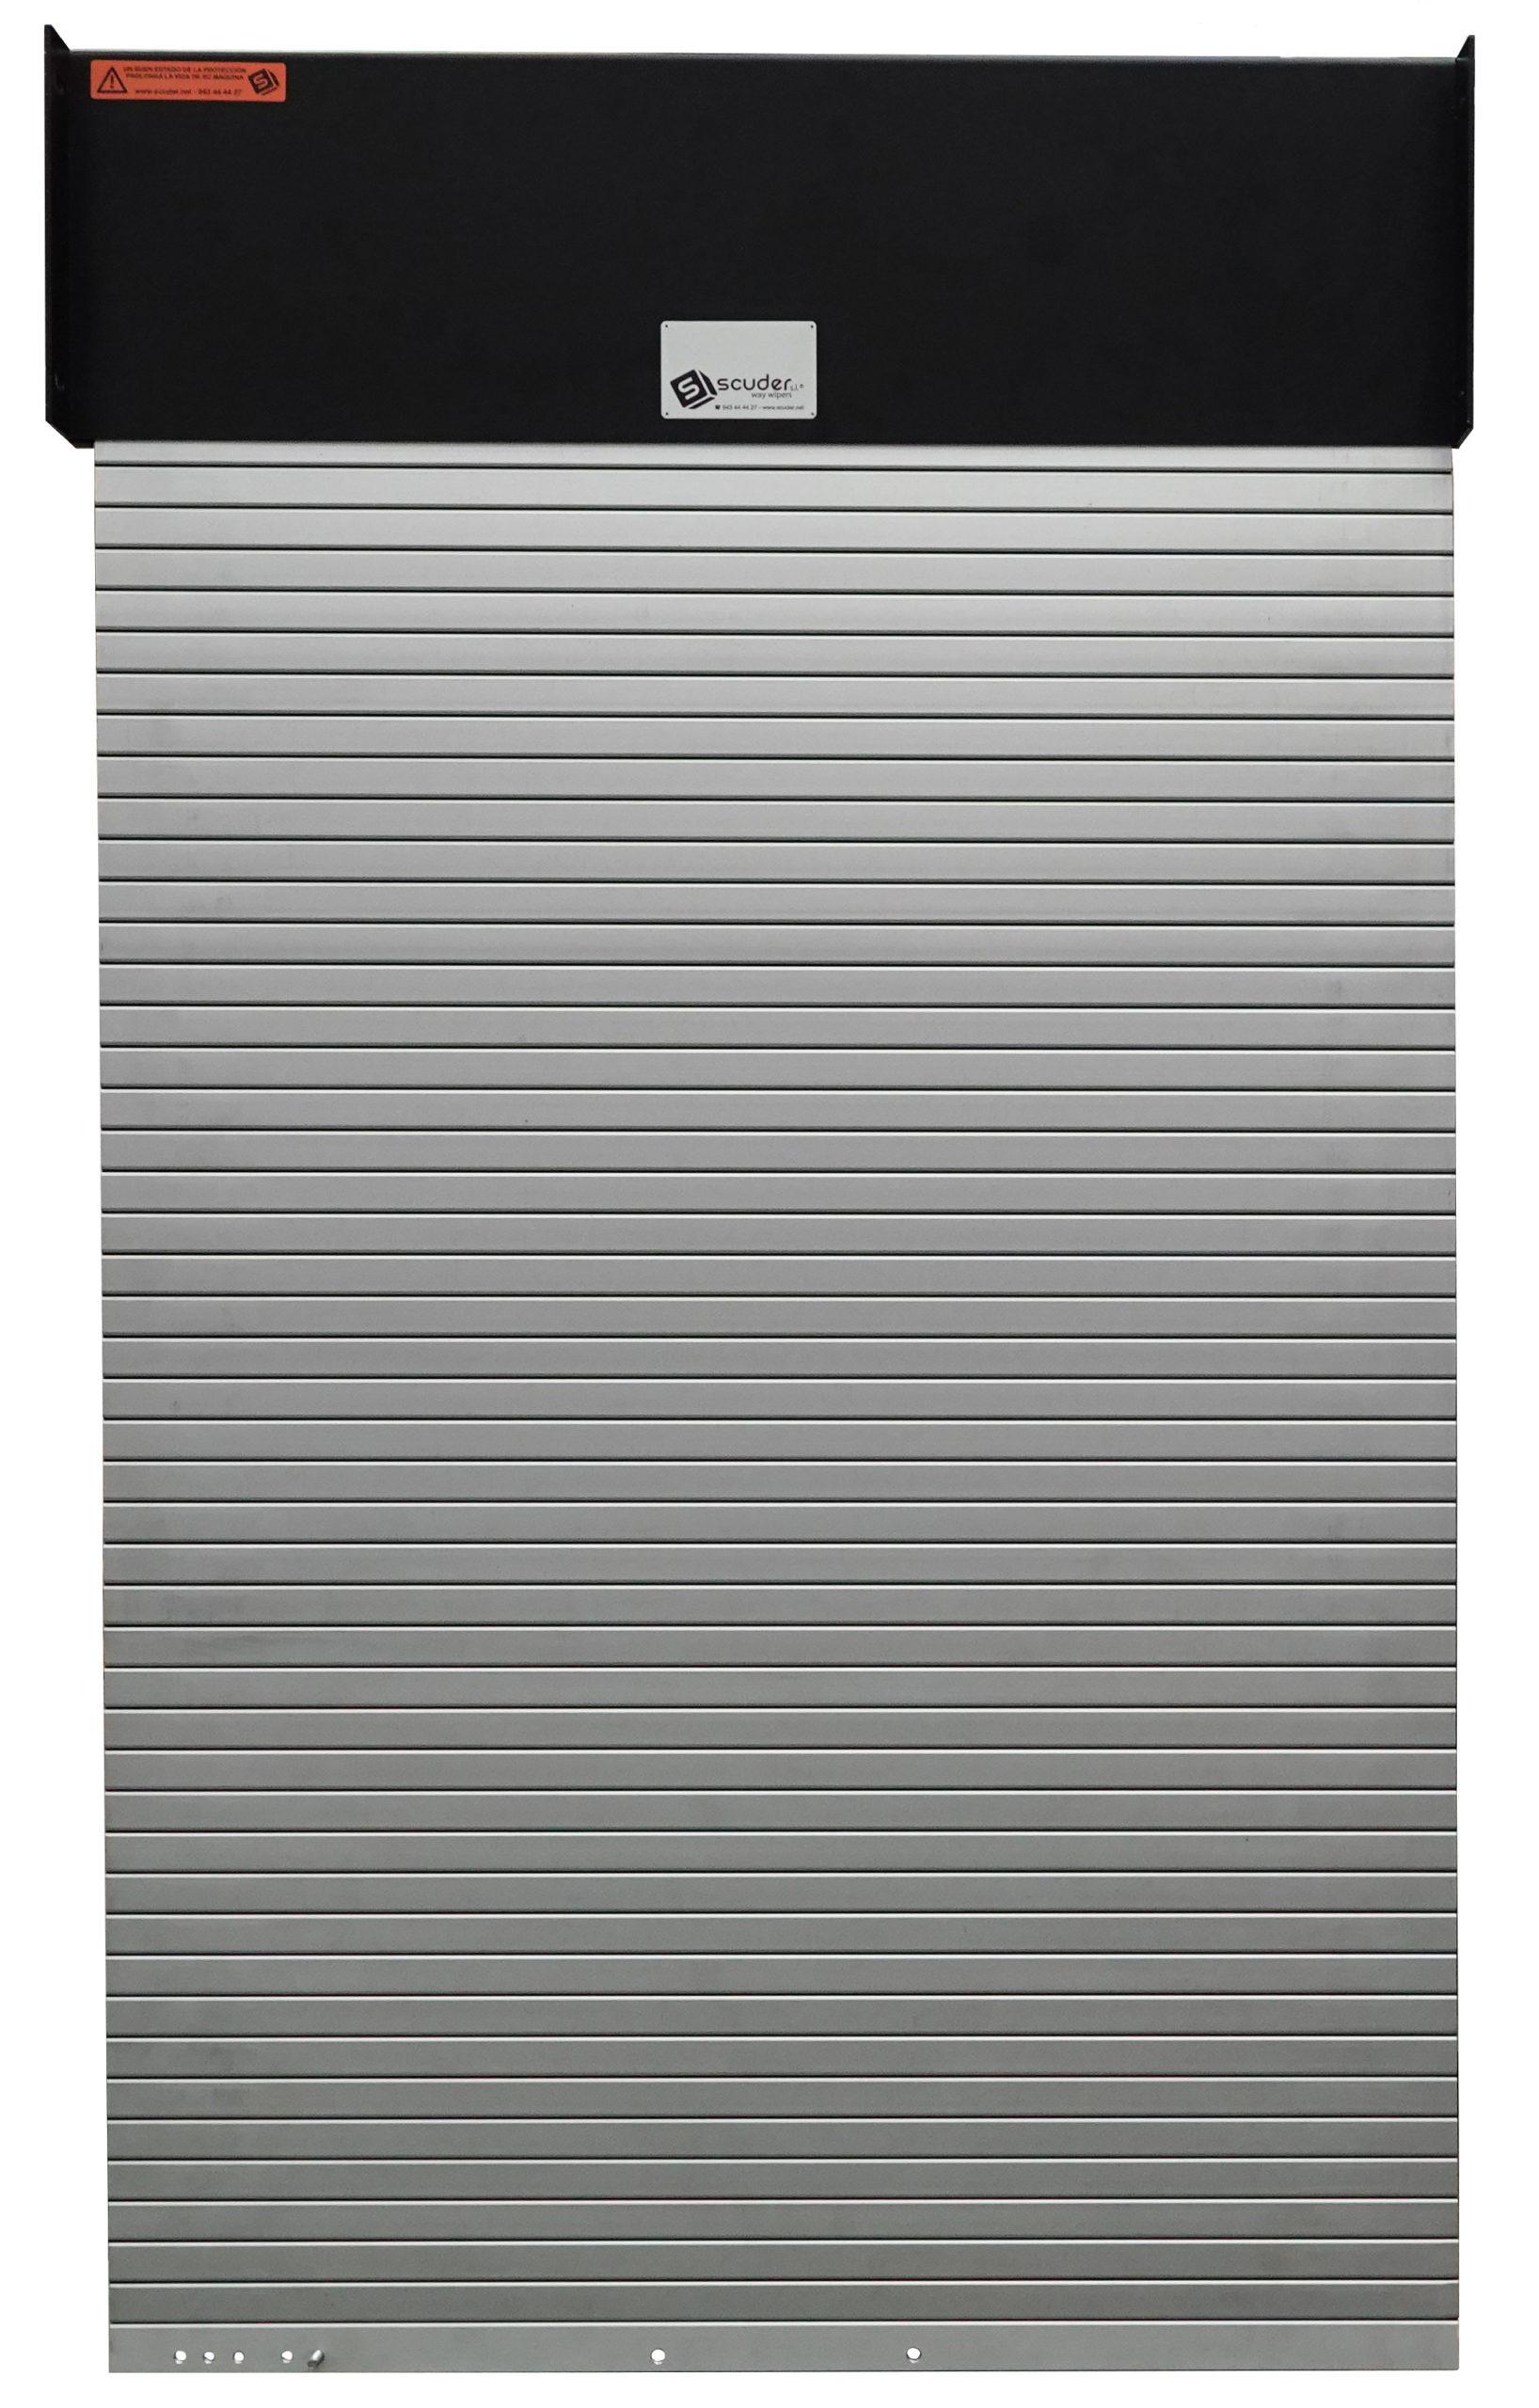 Persiana de protección para máquinas modelo PHR-ENR con tapa, enrollador con caja